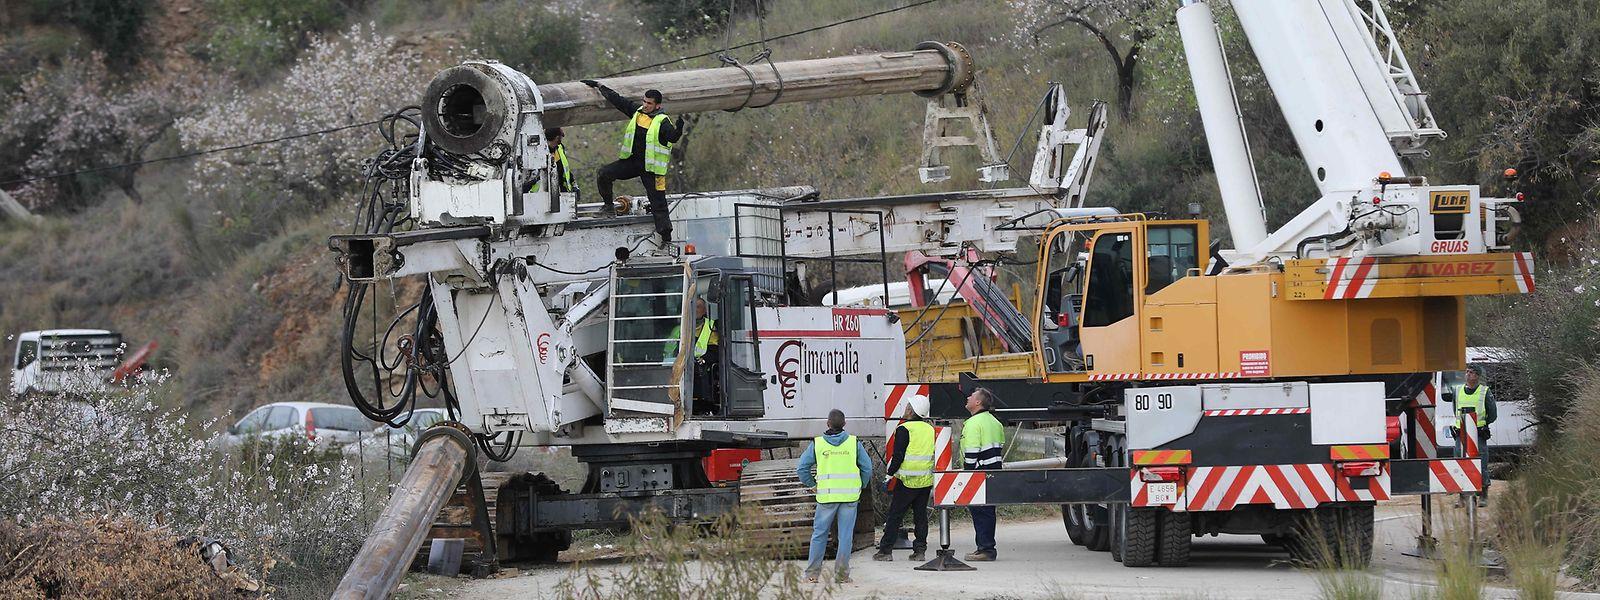 Eine Bohrmaschine, mit der ein Bergungstunnel senkrecht zum Schacht gegraben werden soll, in den am 13. Januar ein Zweijähriger gefallen sein soll, wird entladen. Das Zittern um Julen geht in Spanien nach mehr als fünf Tagen weiter. Niemand weiß, ob der Zweijährige noch am Leben ist.